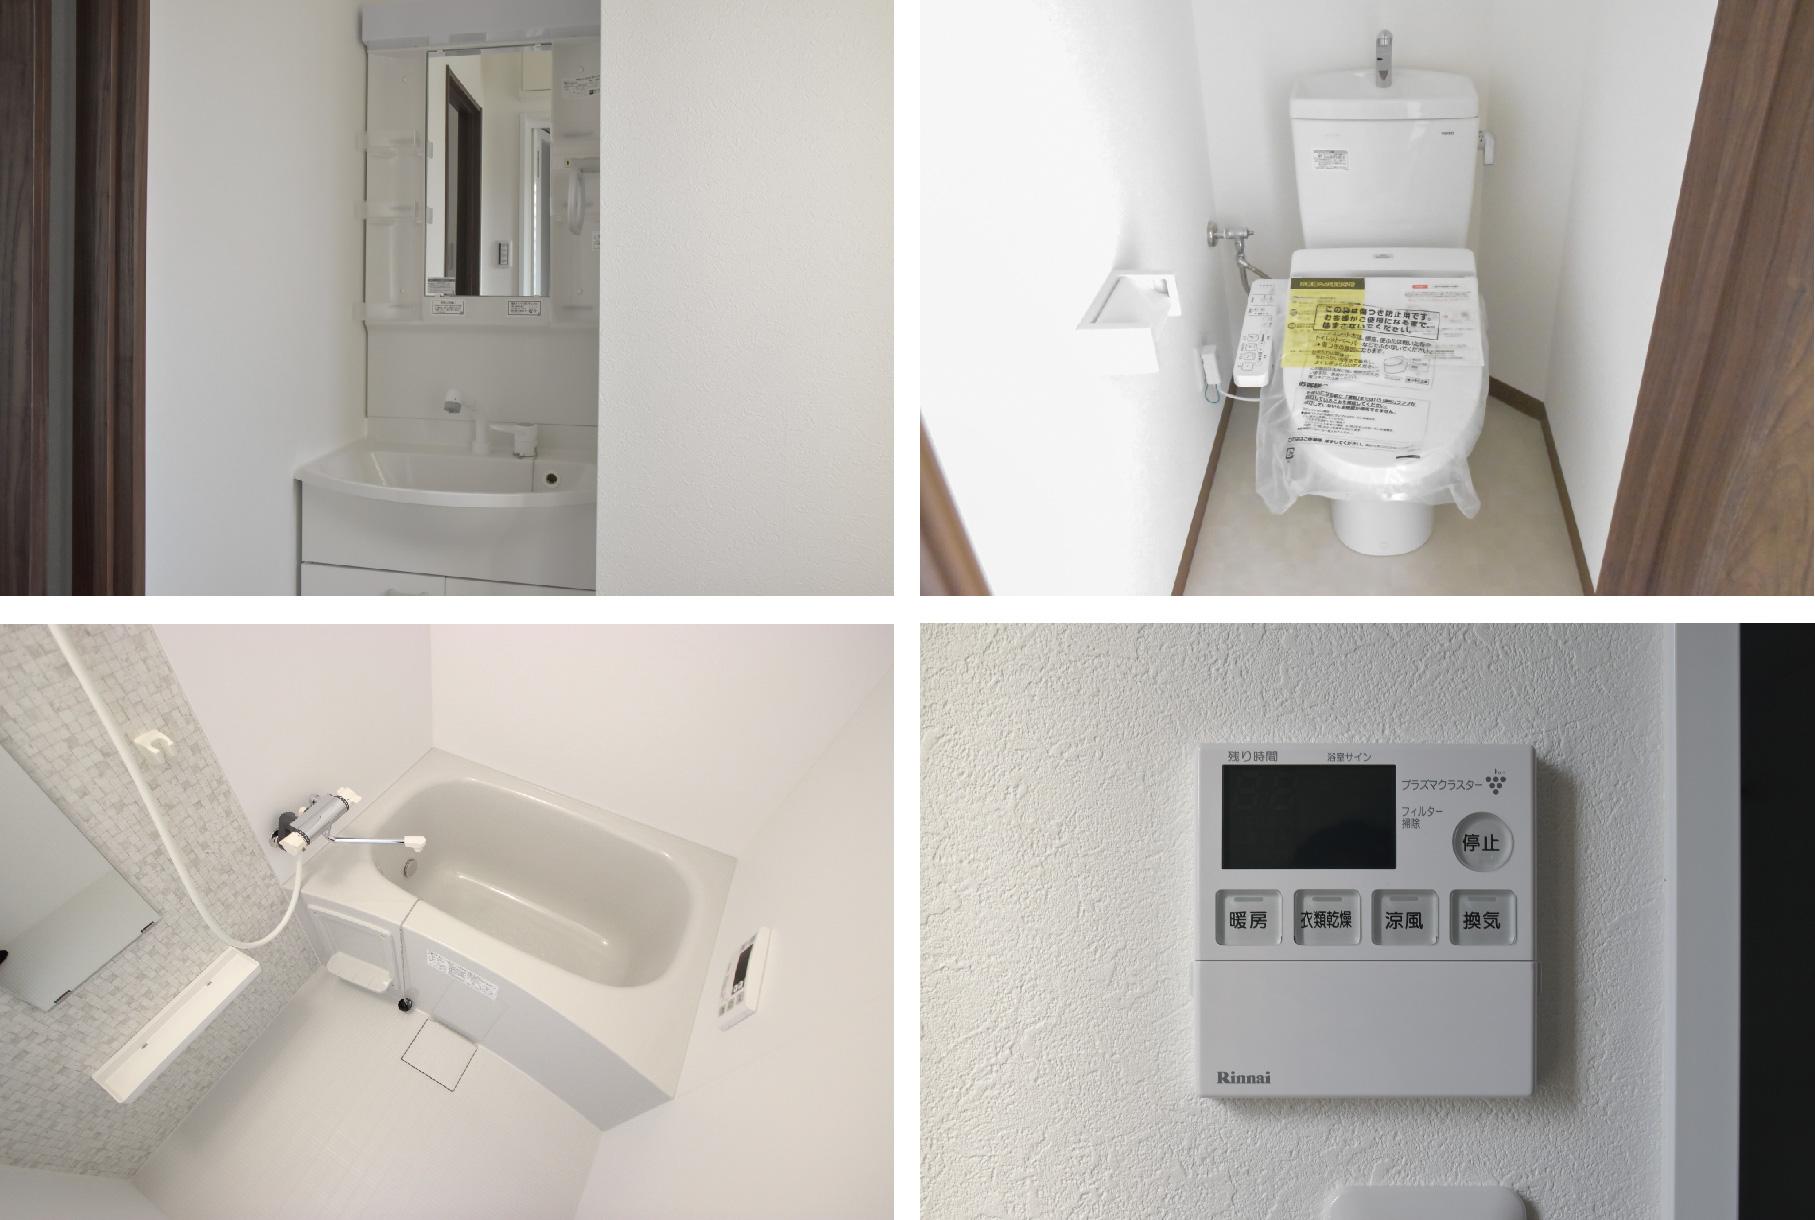 独立洗面台・トイレ・お風呂・浴室乾燥機